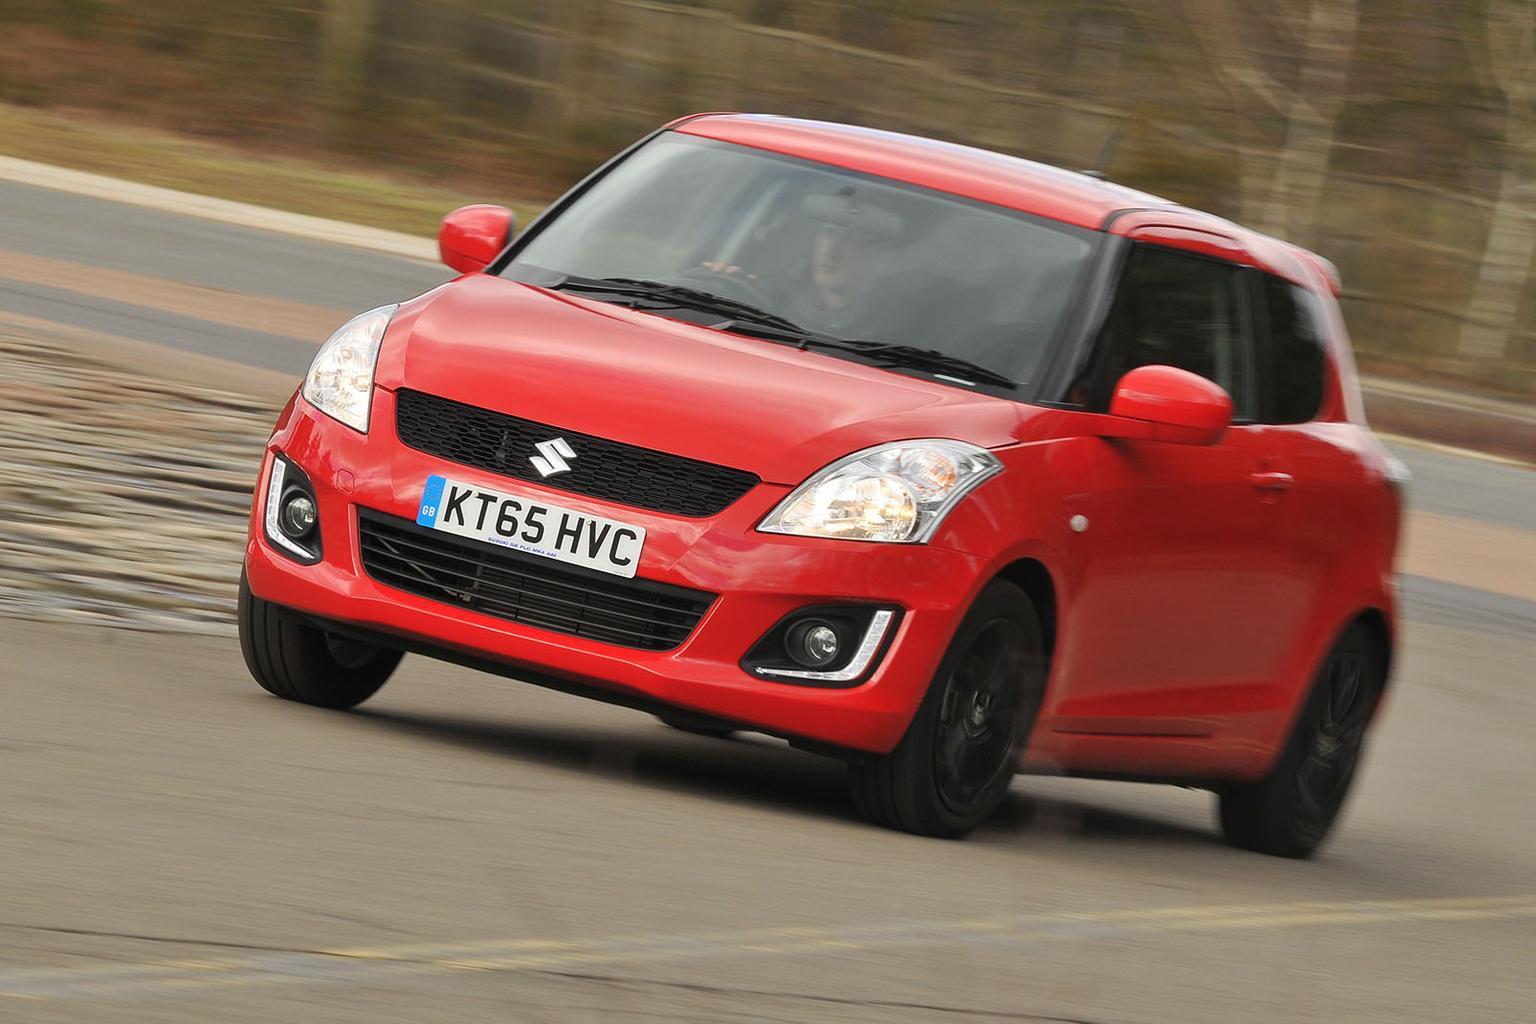 2016 Suzuki Swift 1.2 VVT SZ-L review